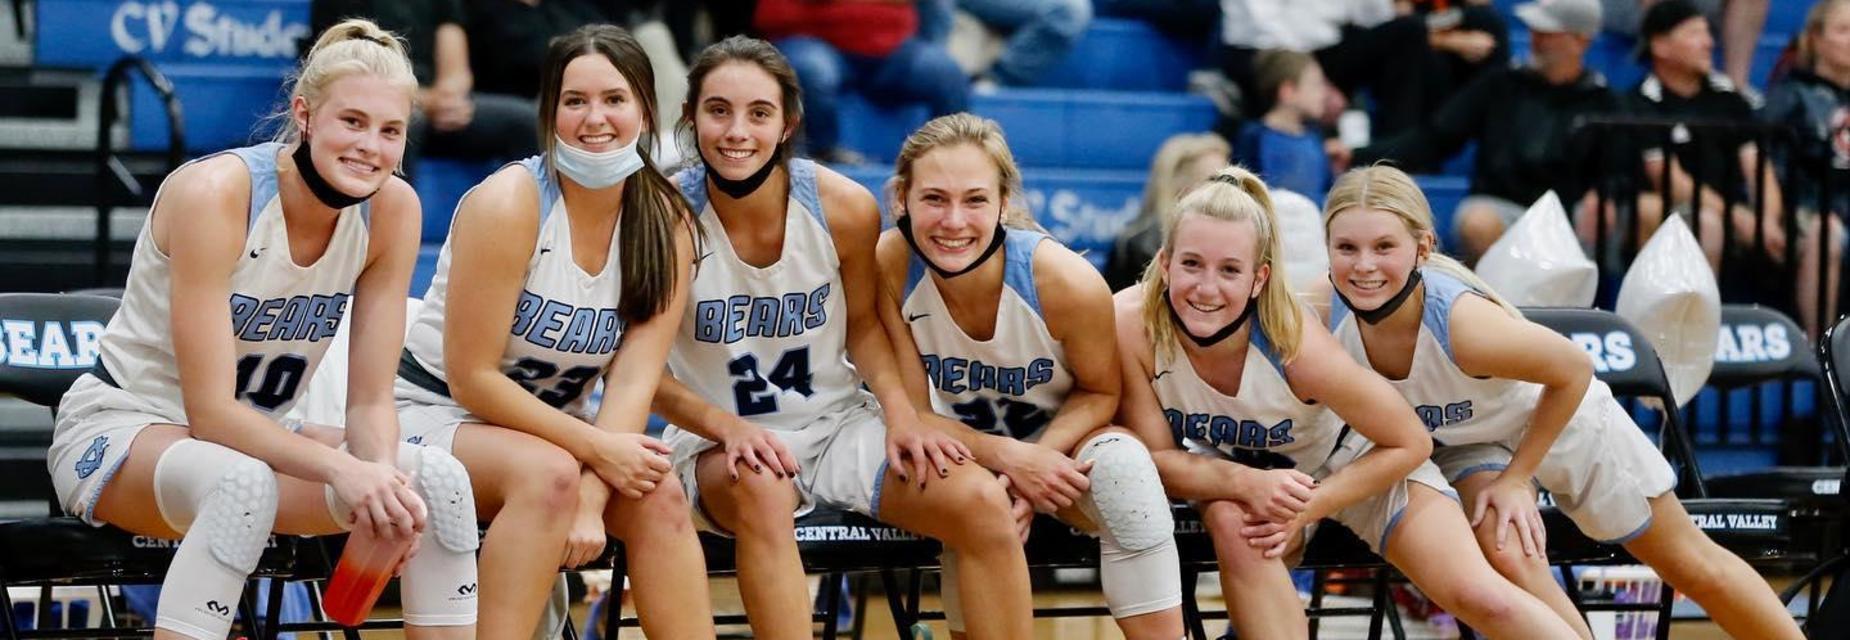 CVHS Girls Basketball 20-21